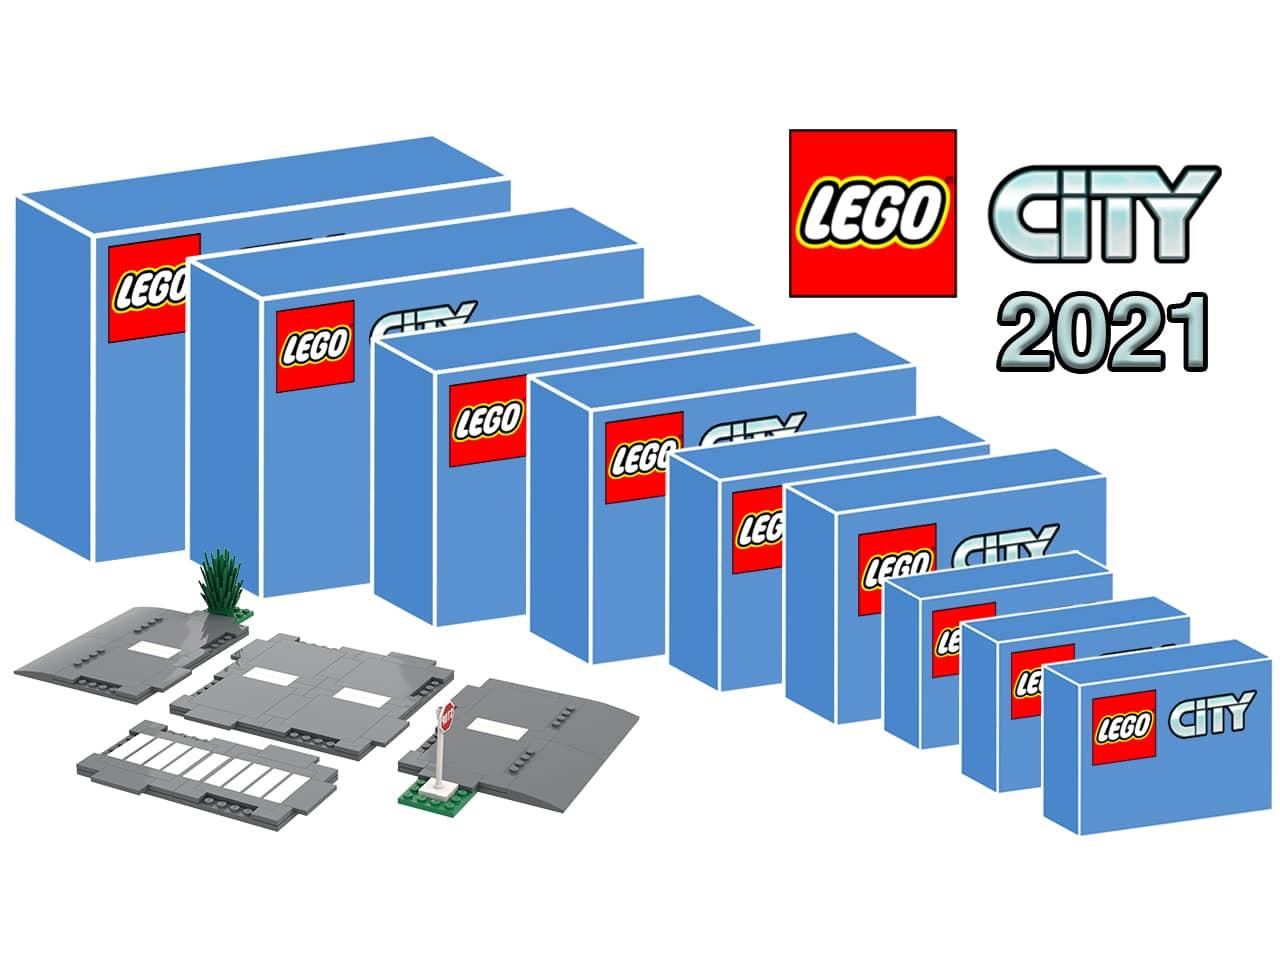 LEGO City 2021: Alle Sets fürs 1. Halbjahr & neues ...